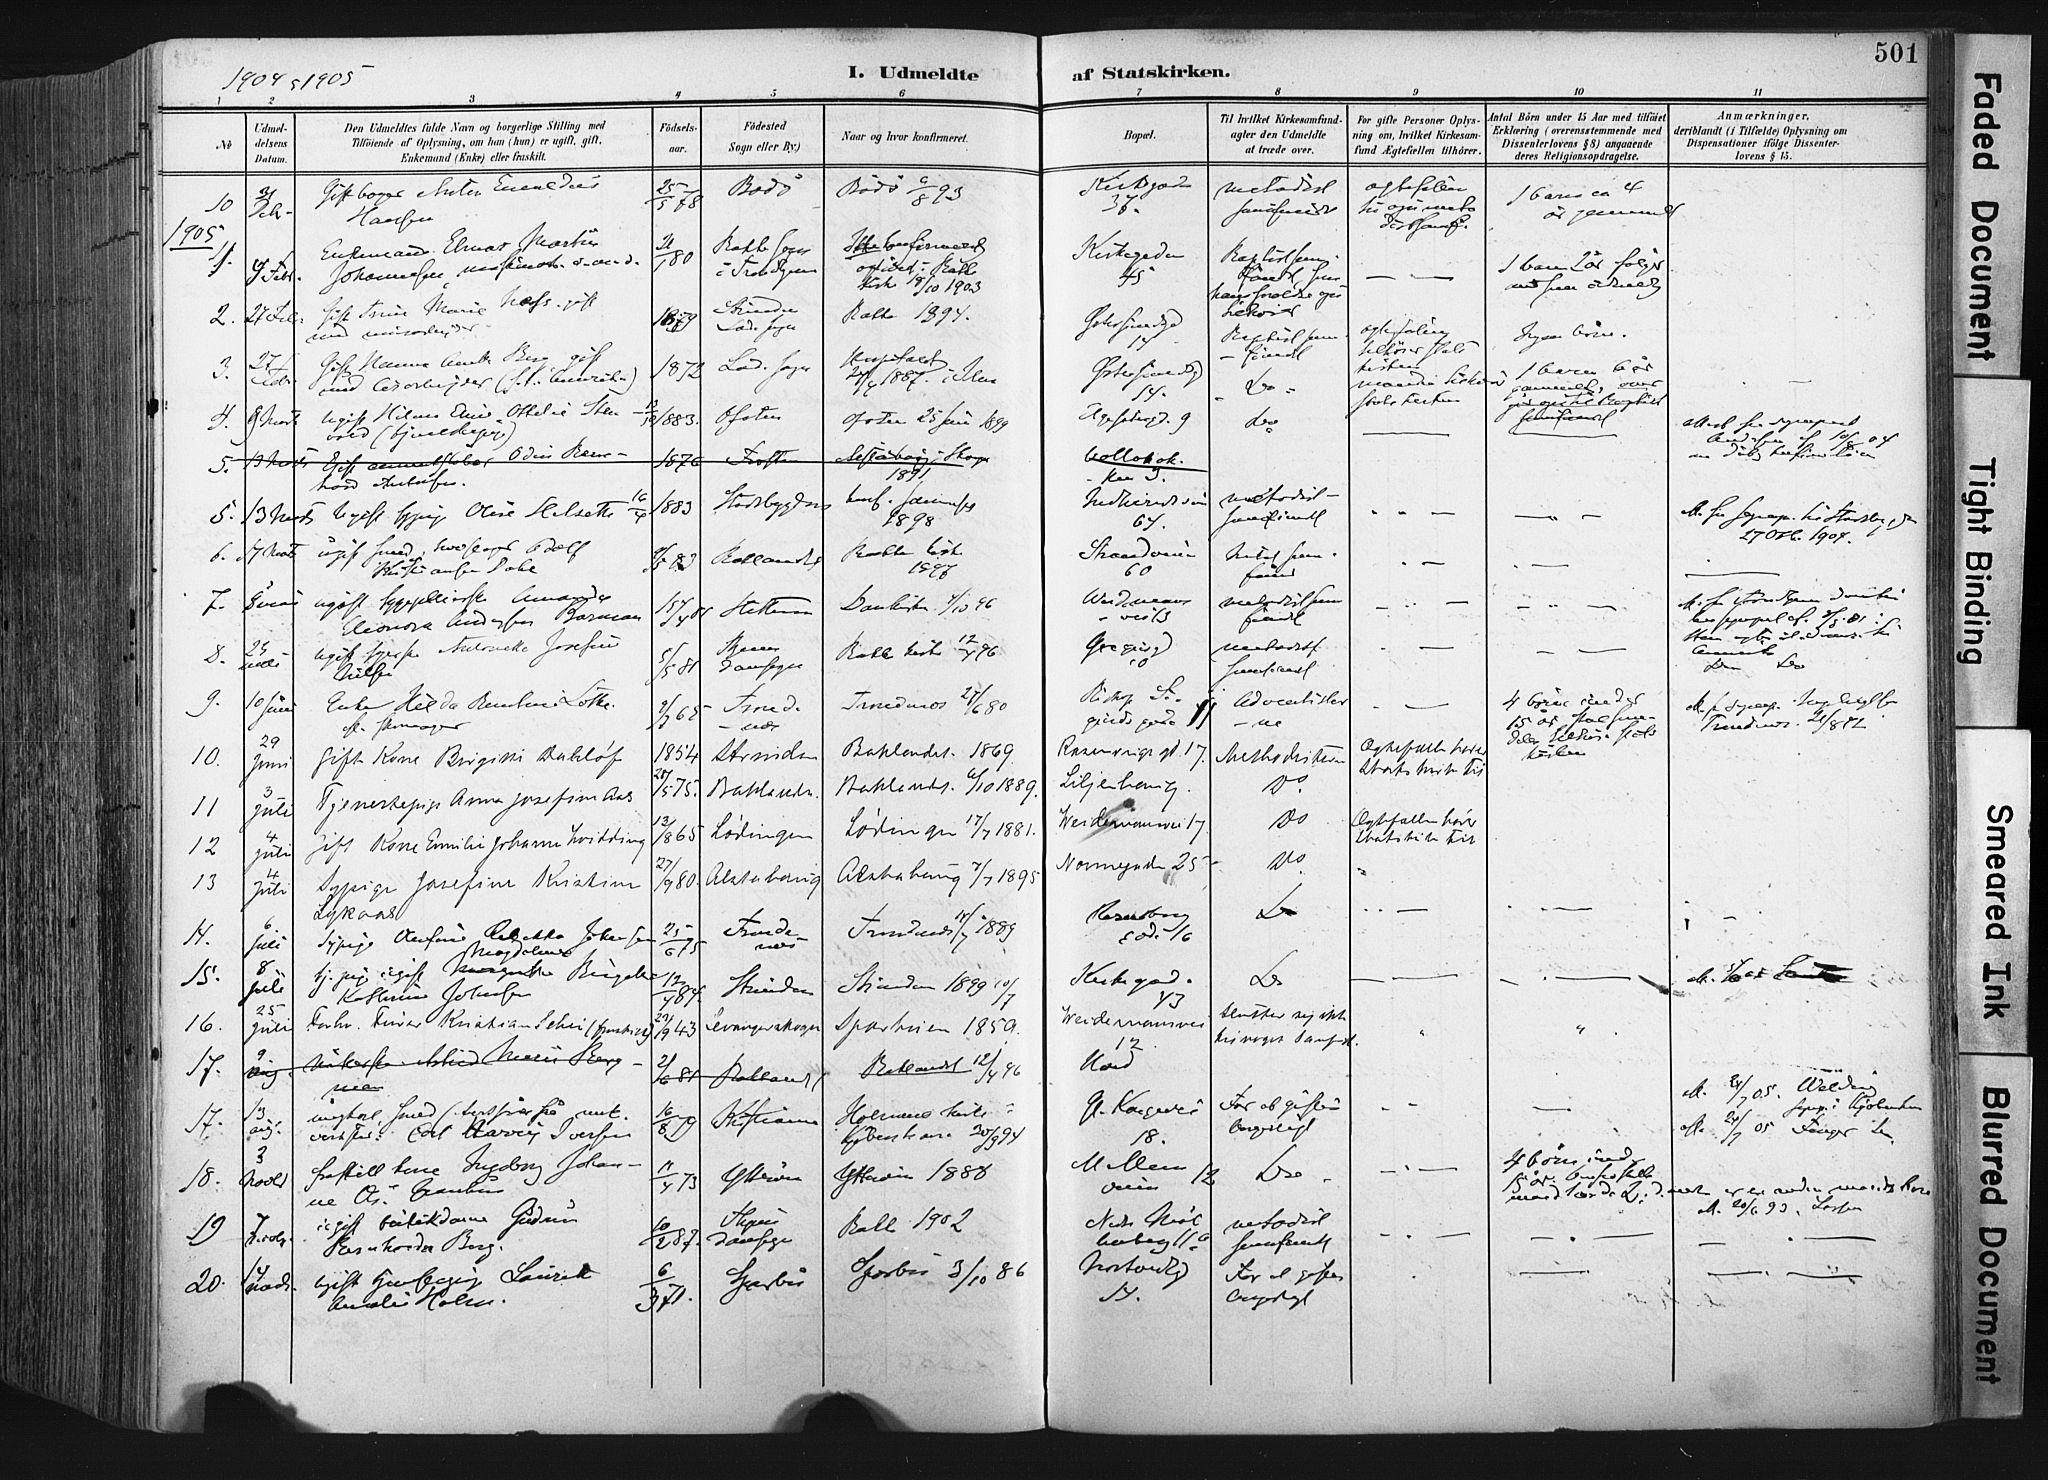 SAT, Ministerialprotokoller, klokkerbøker og fødselsregistre - Sør-Trøndelag, 604/L0201: Ministerialbok nr. 604A21, 1901-1911, s. 501